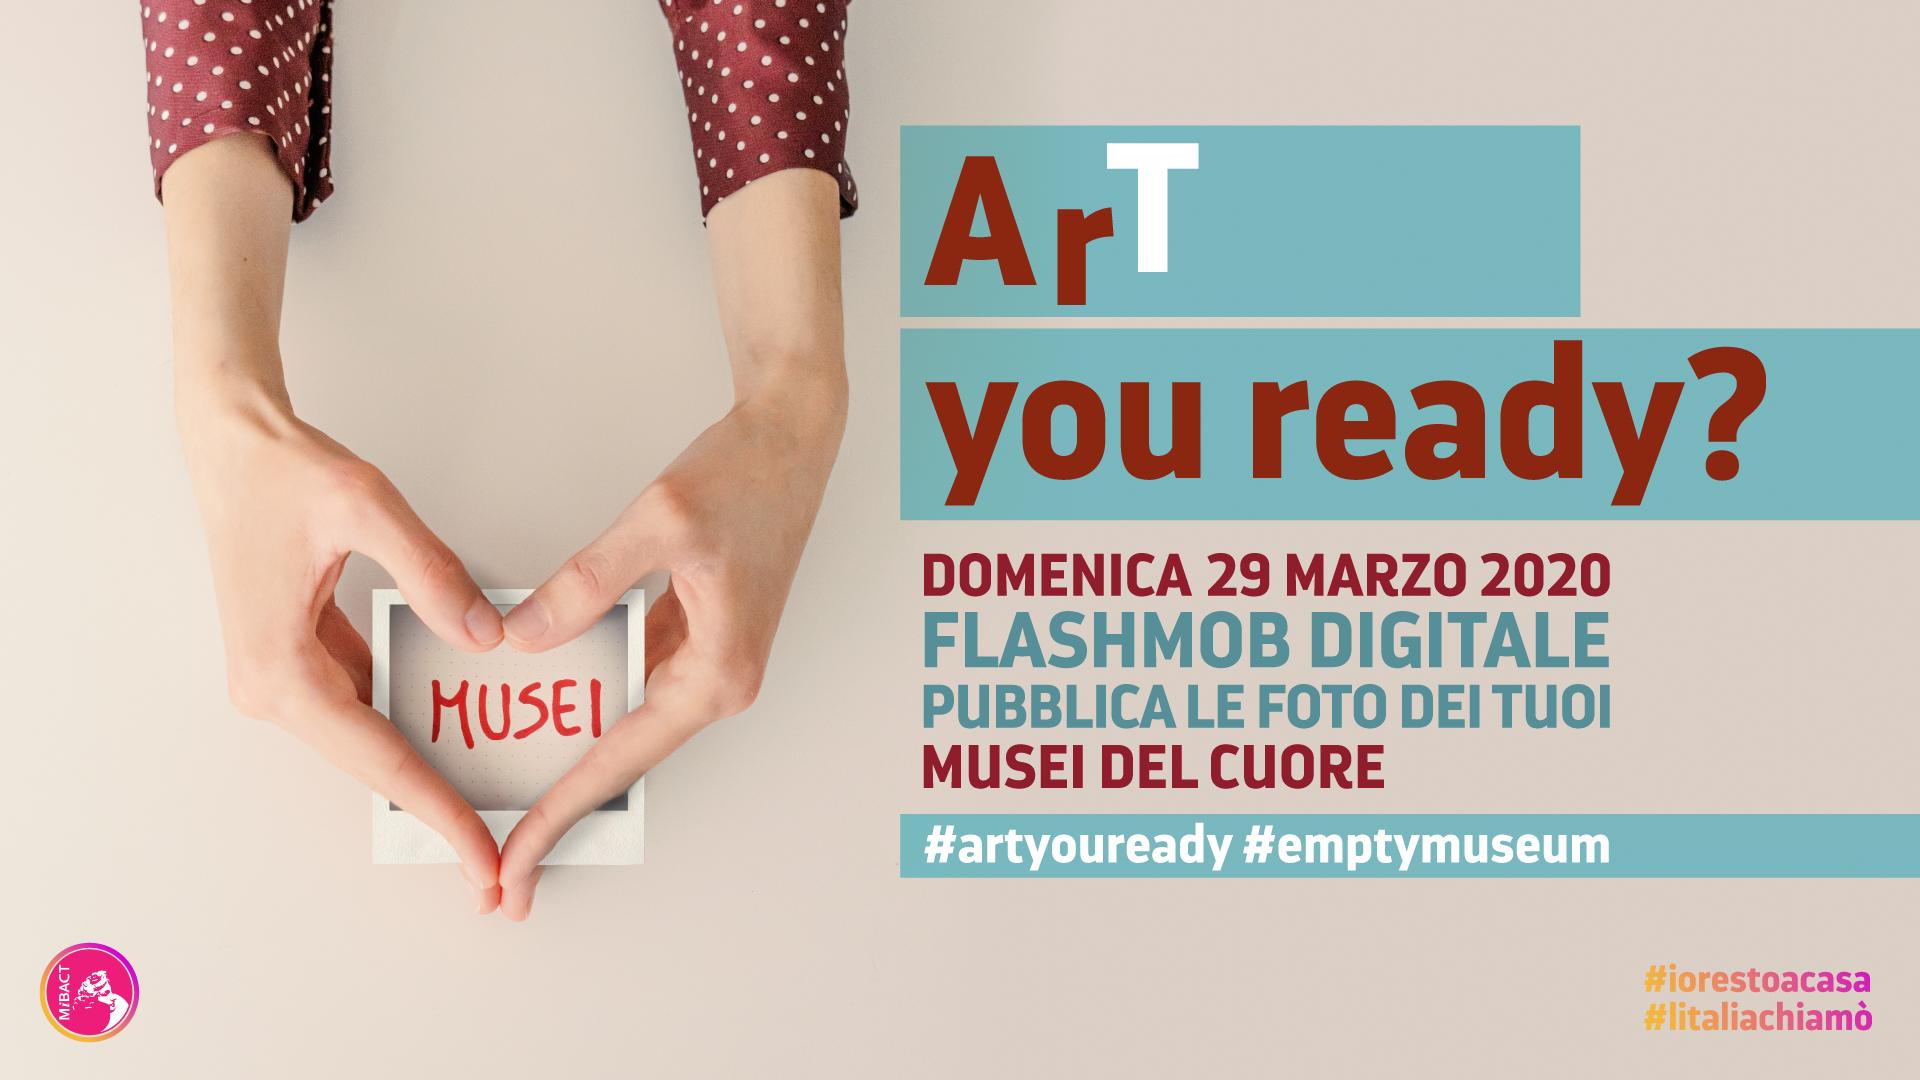 """VUOI PARTECIAPARE AD """"ART YOU READY?"""", IL FLASHMOB DEL PATRIMONIO CULTURALE ITALIANO, POSTANDO UNA TUA FOTO IN VISITA NEL NOSTRO MUSEO?"""